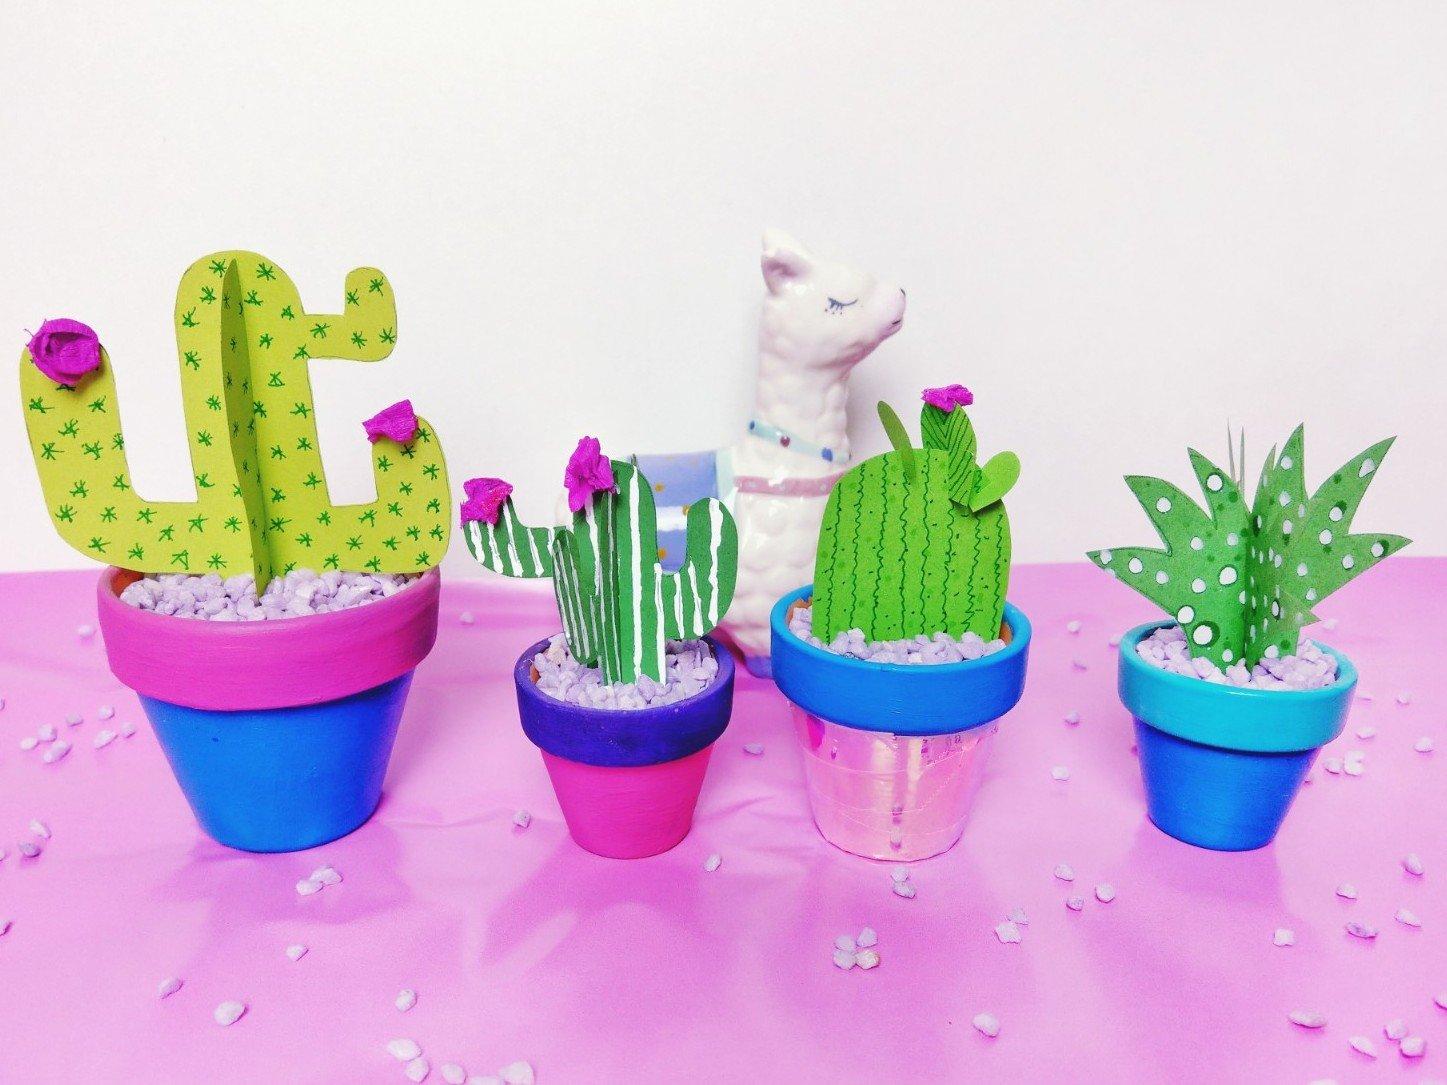 Kaktus Aus Papier Basteln Diy Dekoration Im Blumentopf Kleinliebchen